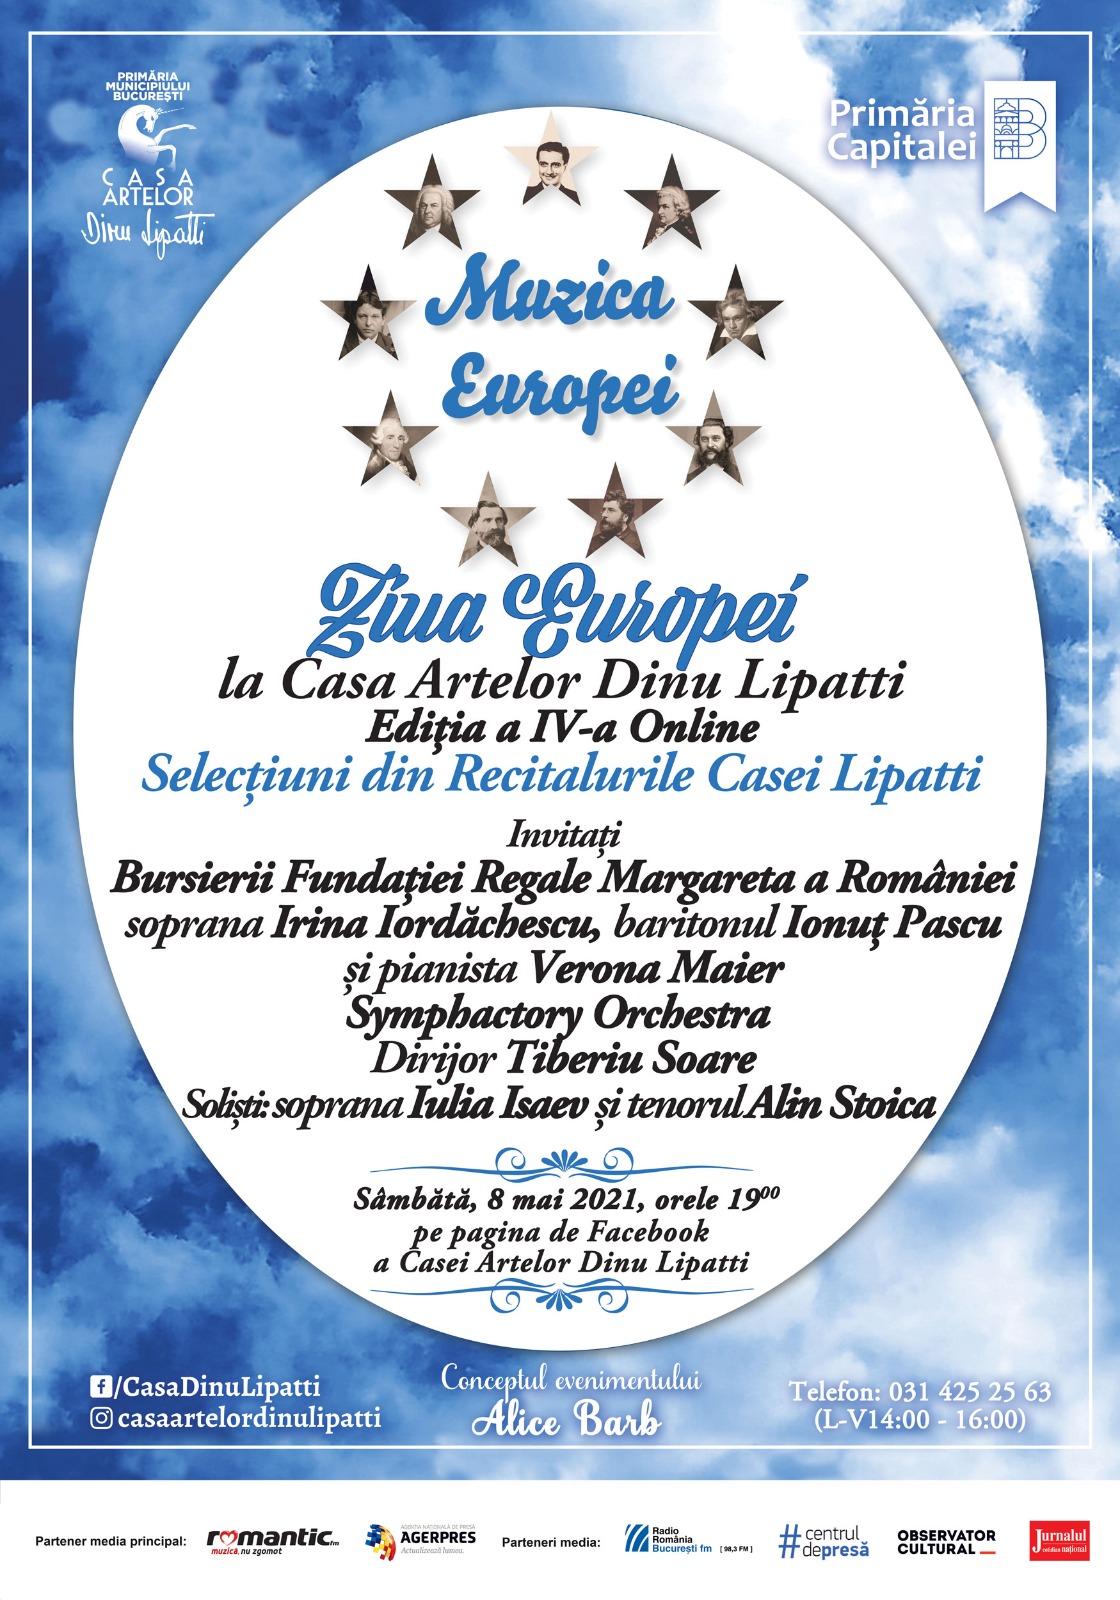 """Casa Artelor Dinu Lipatti sărbătorește """"Ziua Europei – Muzica Europei Ediția a IV-a Online"""""""